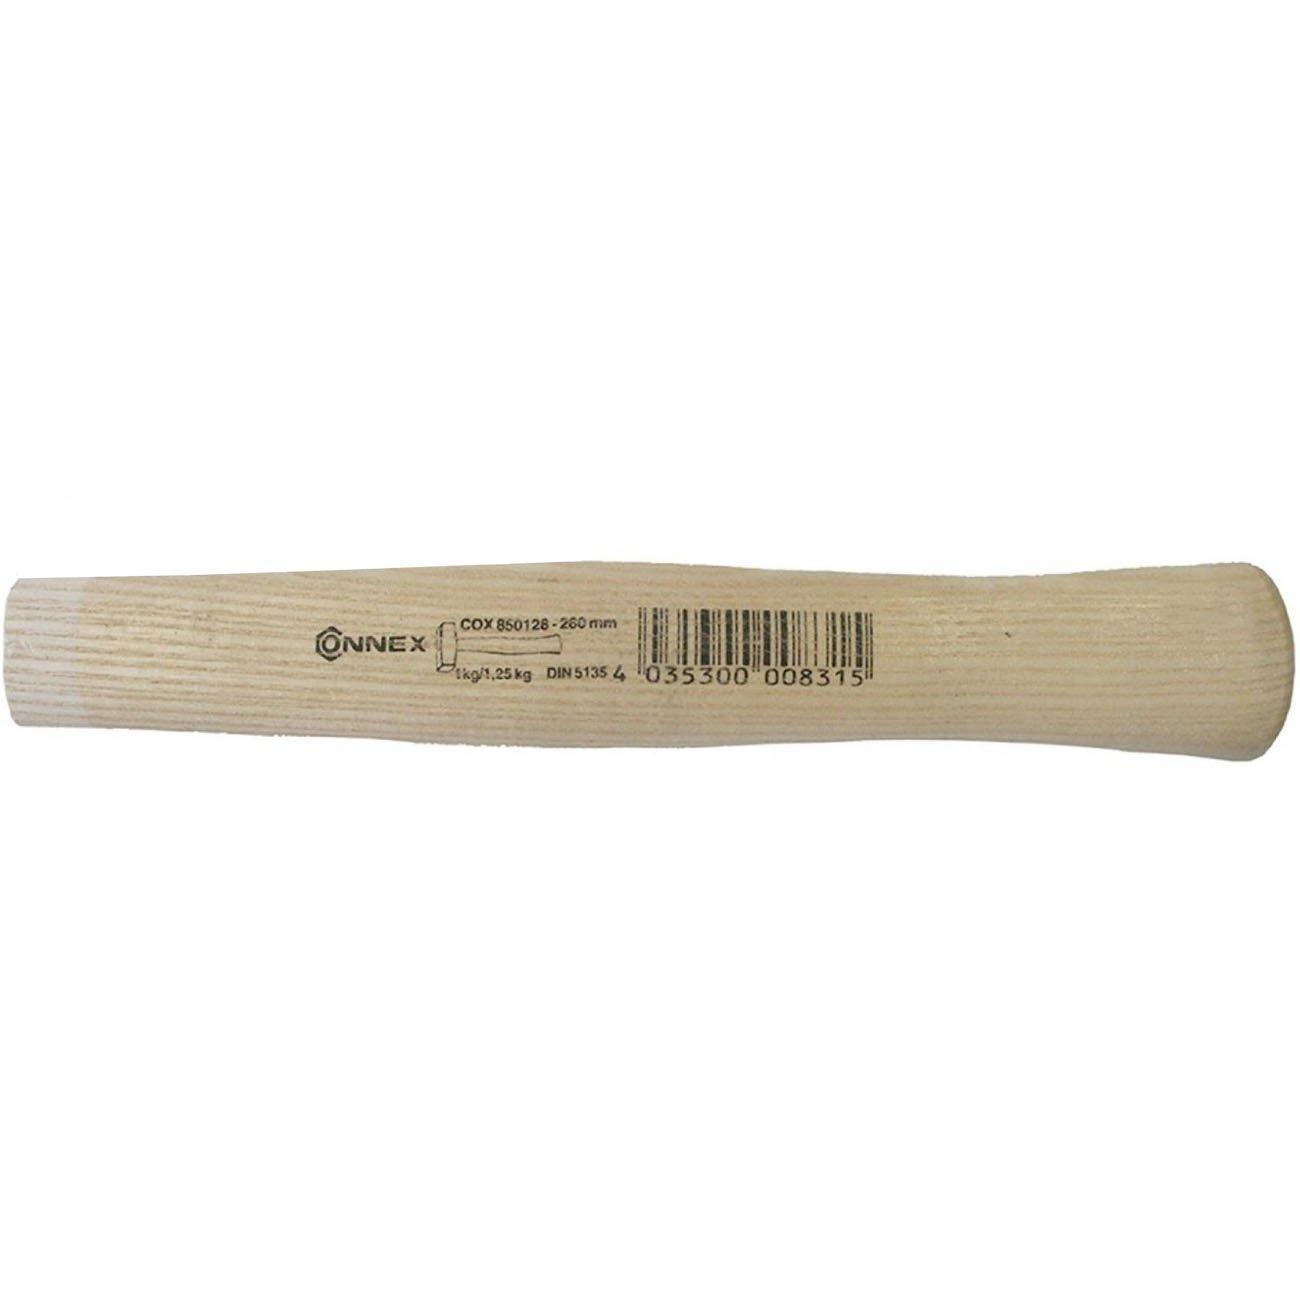 Connex COX850128 Manche de massette pour 1000/1250g en Bois de frê ne, Beige, 260 mm